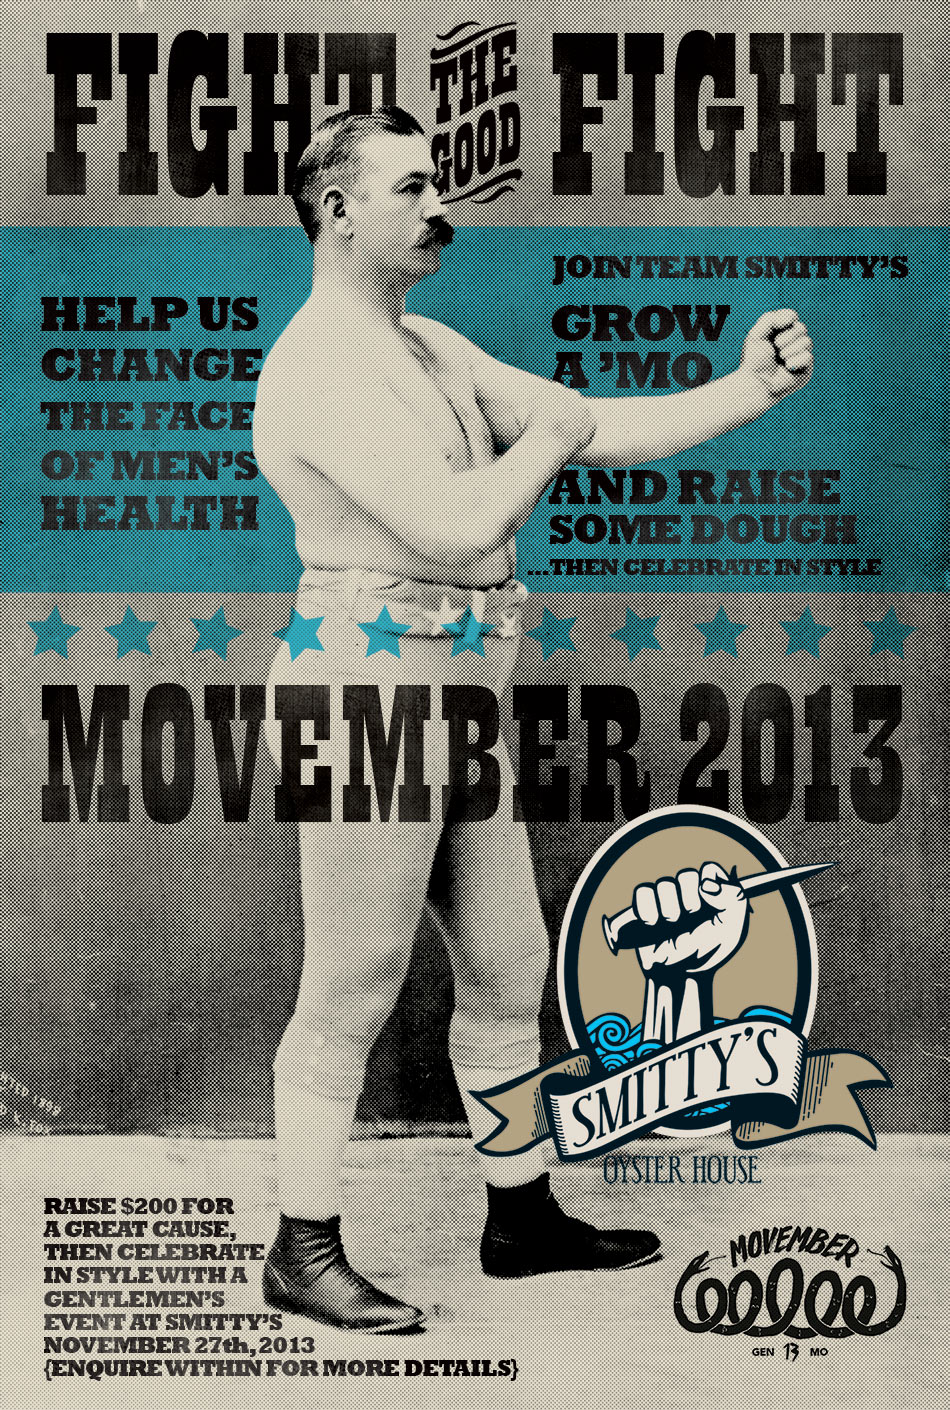 smittys_movember_poster_2013.jpg